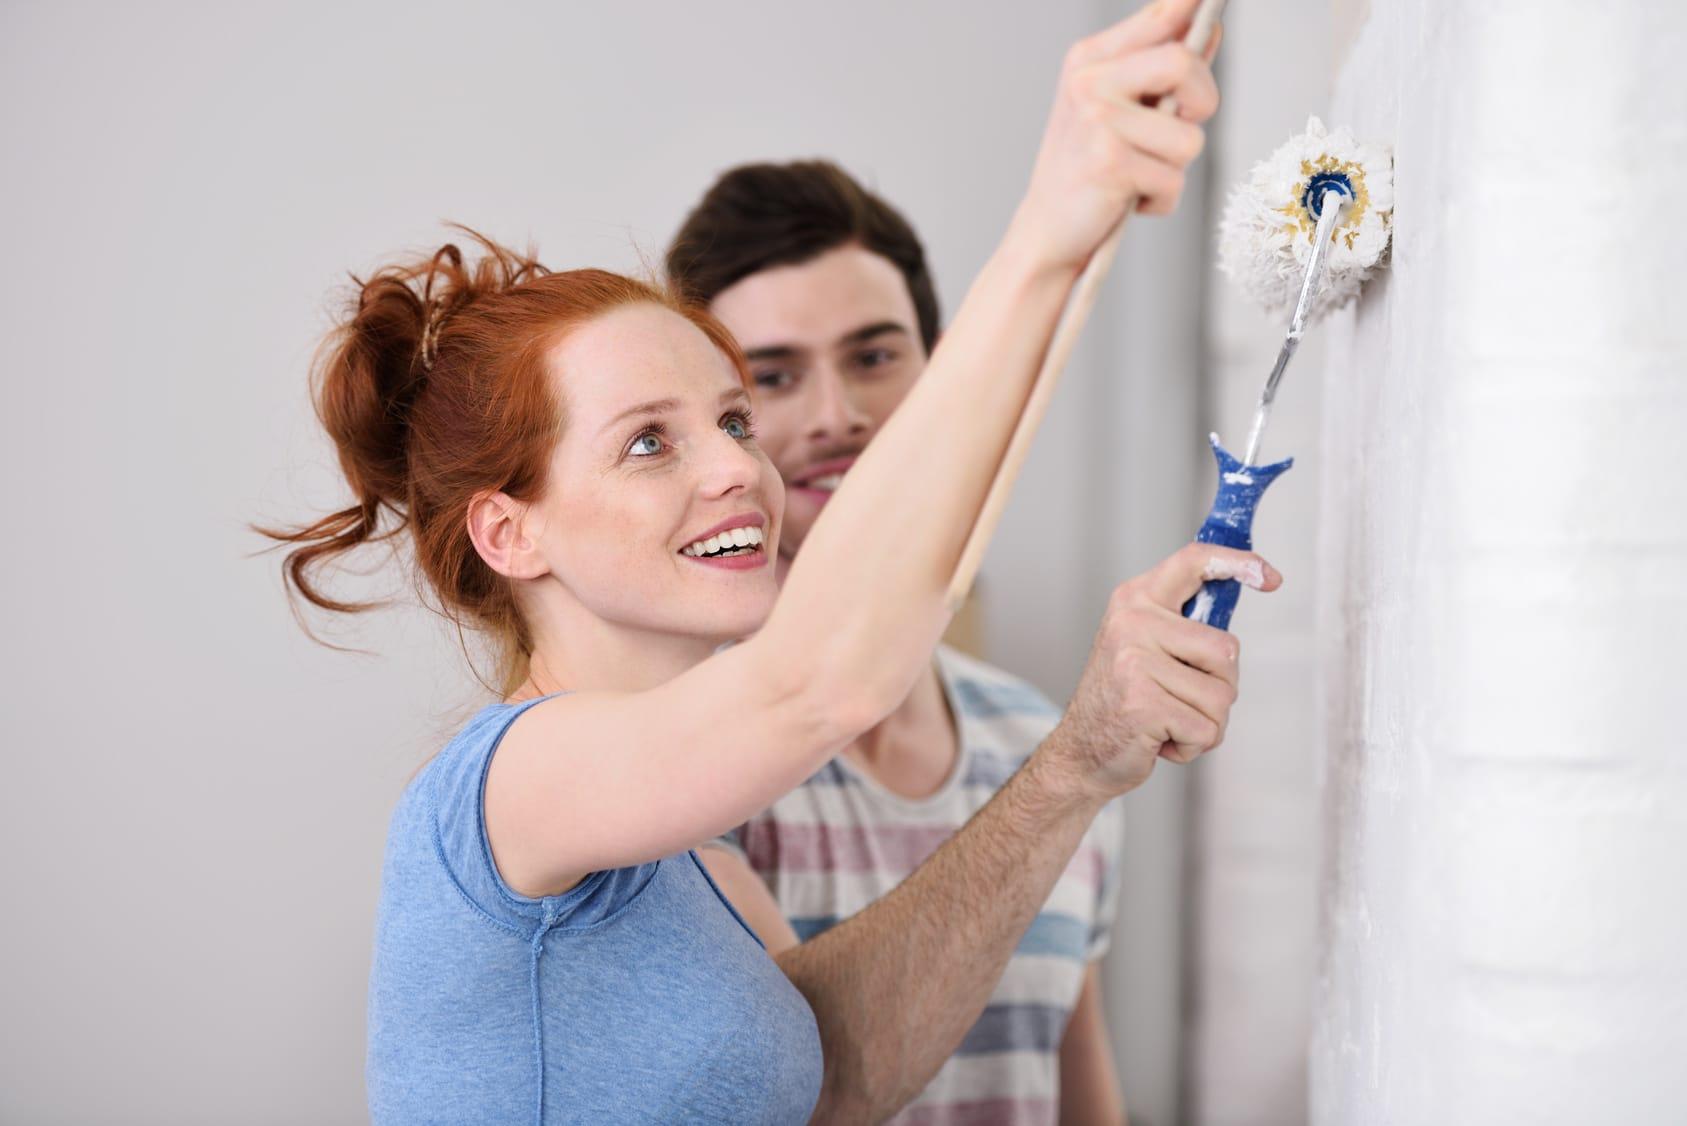 Wandfarbe entfernen – Tipps und Tricks